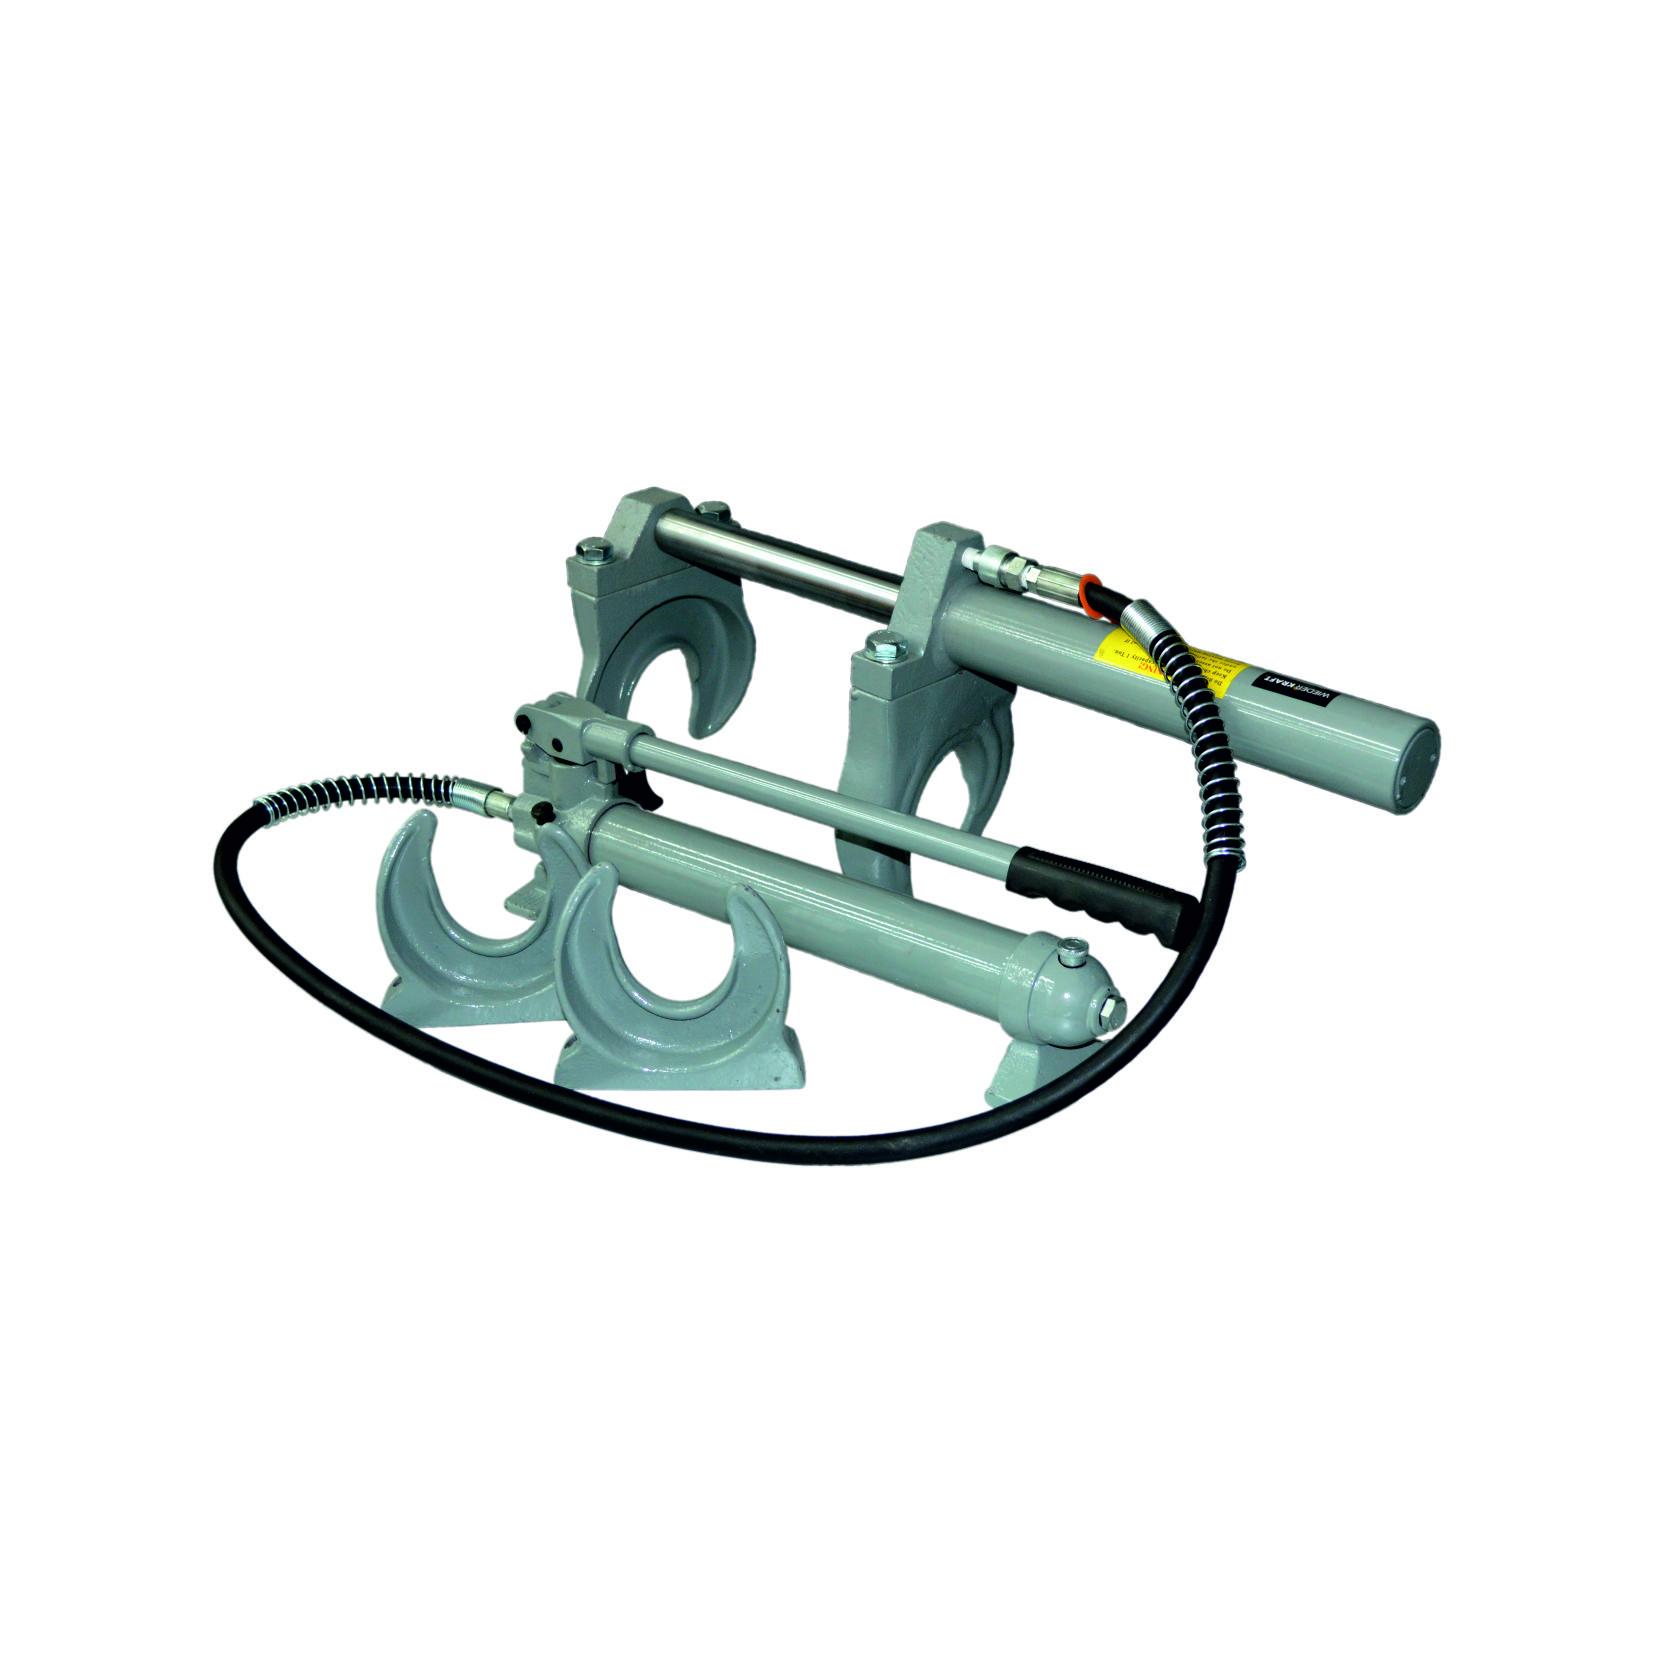 Стяжка WiederkraftДополнительный инструмент<br>Тип: стяжка, Цвет: стяжка<br>